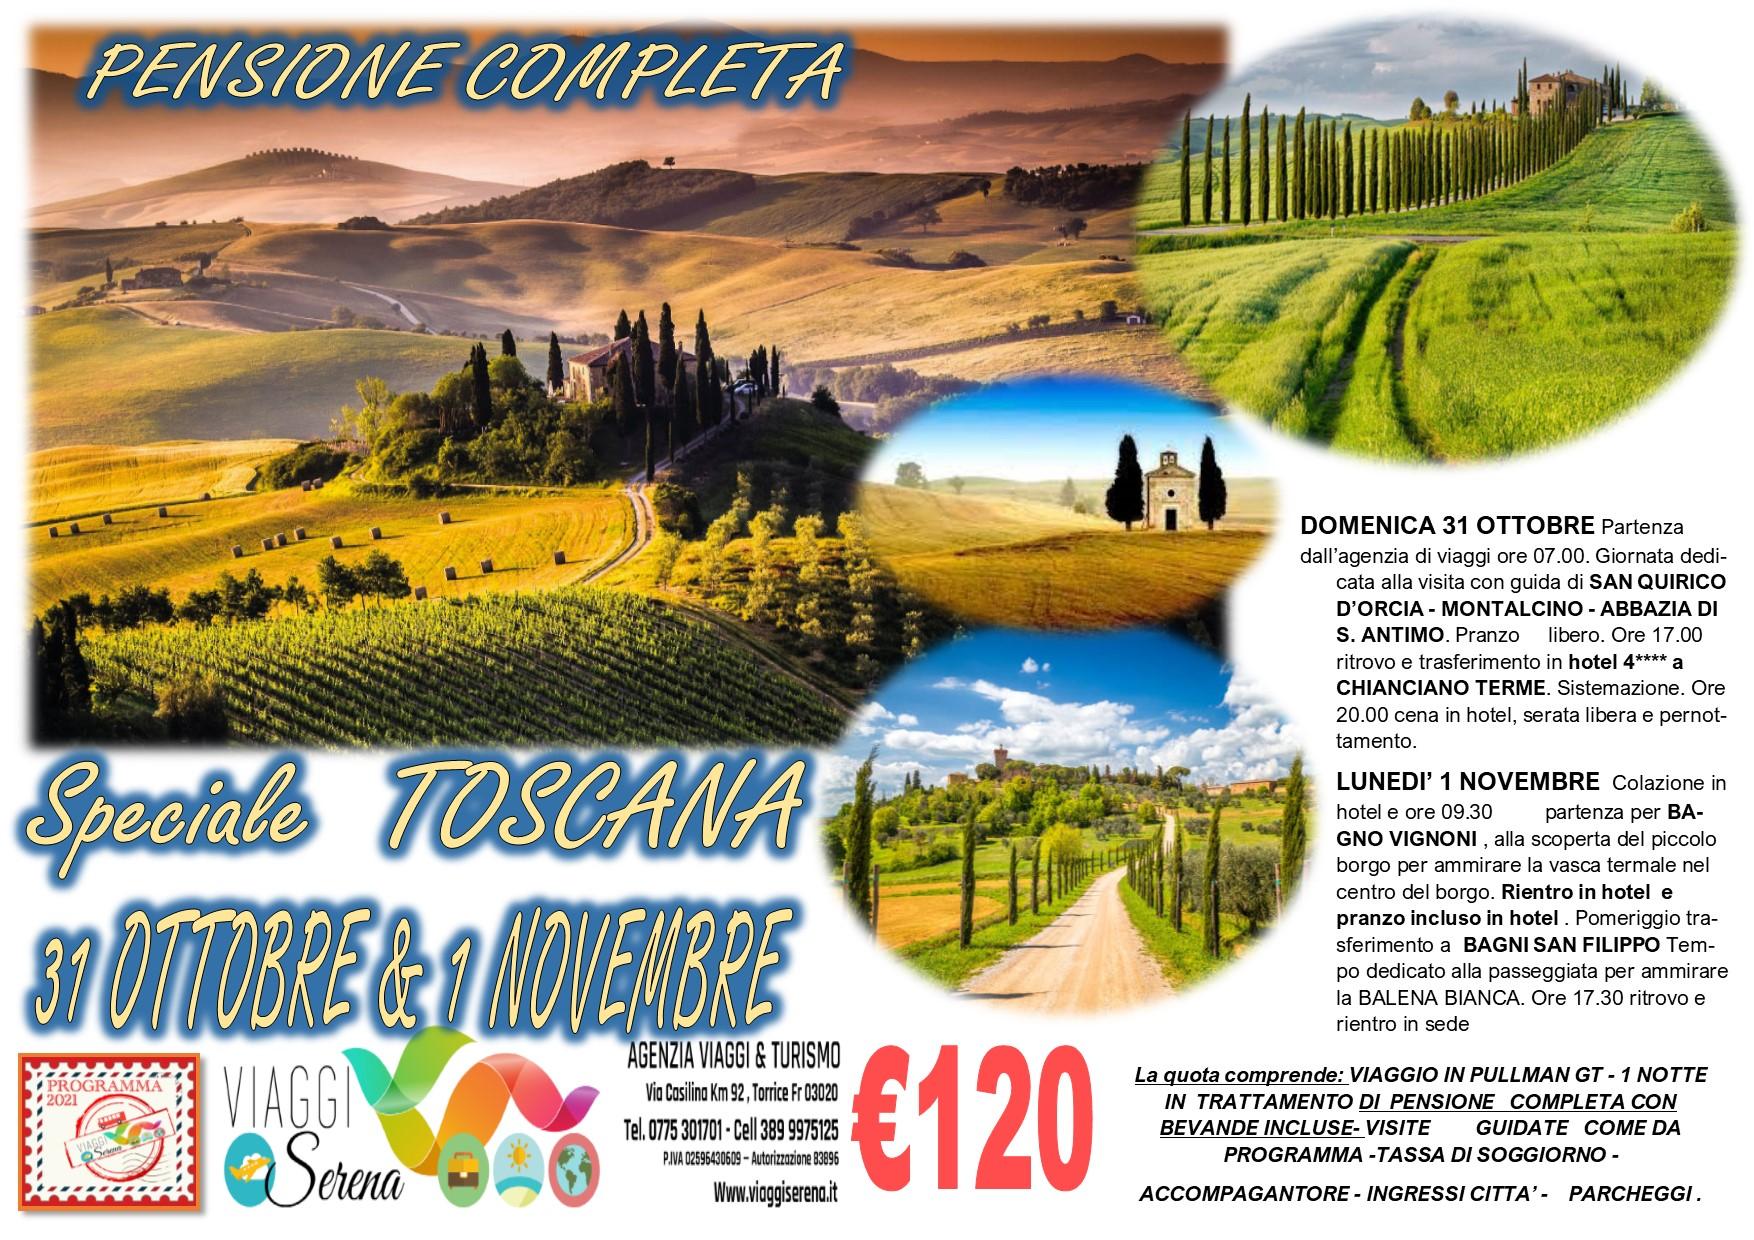 Viaggi di Gruppo:  Speciale TOSCANA , San Quirico , Montalcino & Bagno Vignoni 31 Ottobre & 1 Novembre € 120,00